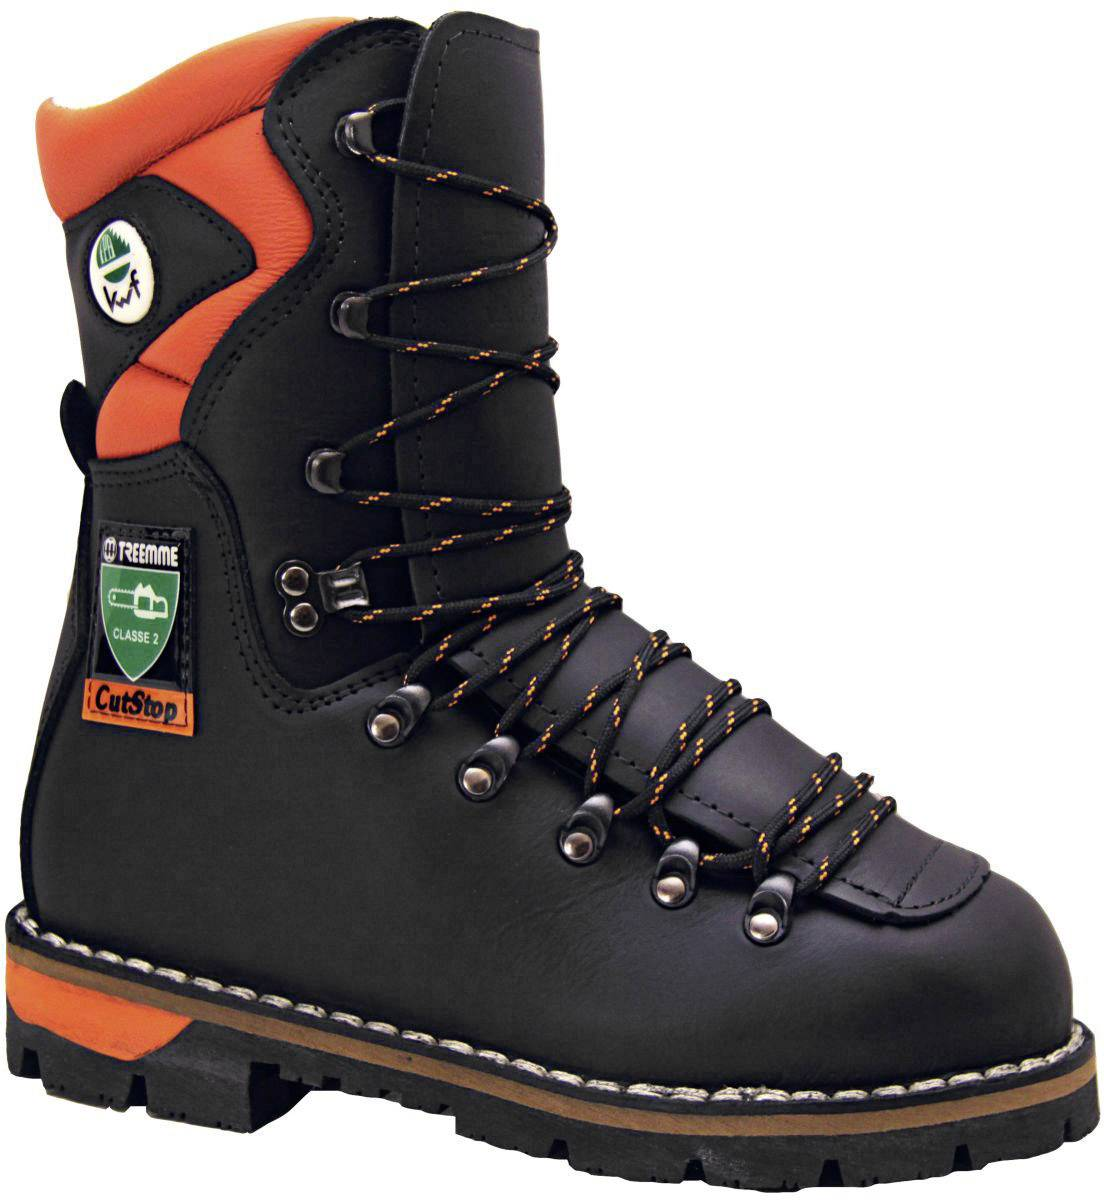 Bezpečnostní obuv s ochranou proti pořezání S3 Treemme 2435, vel.: 44, černá, 1 pár